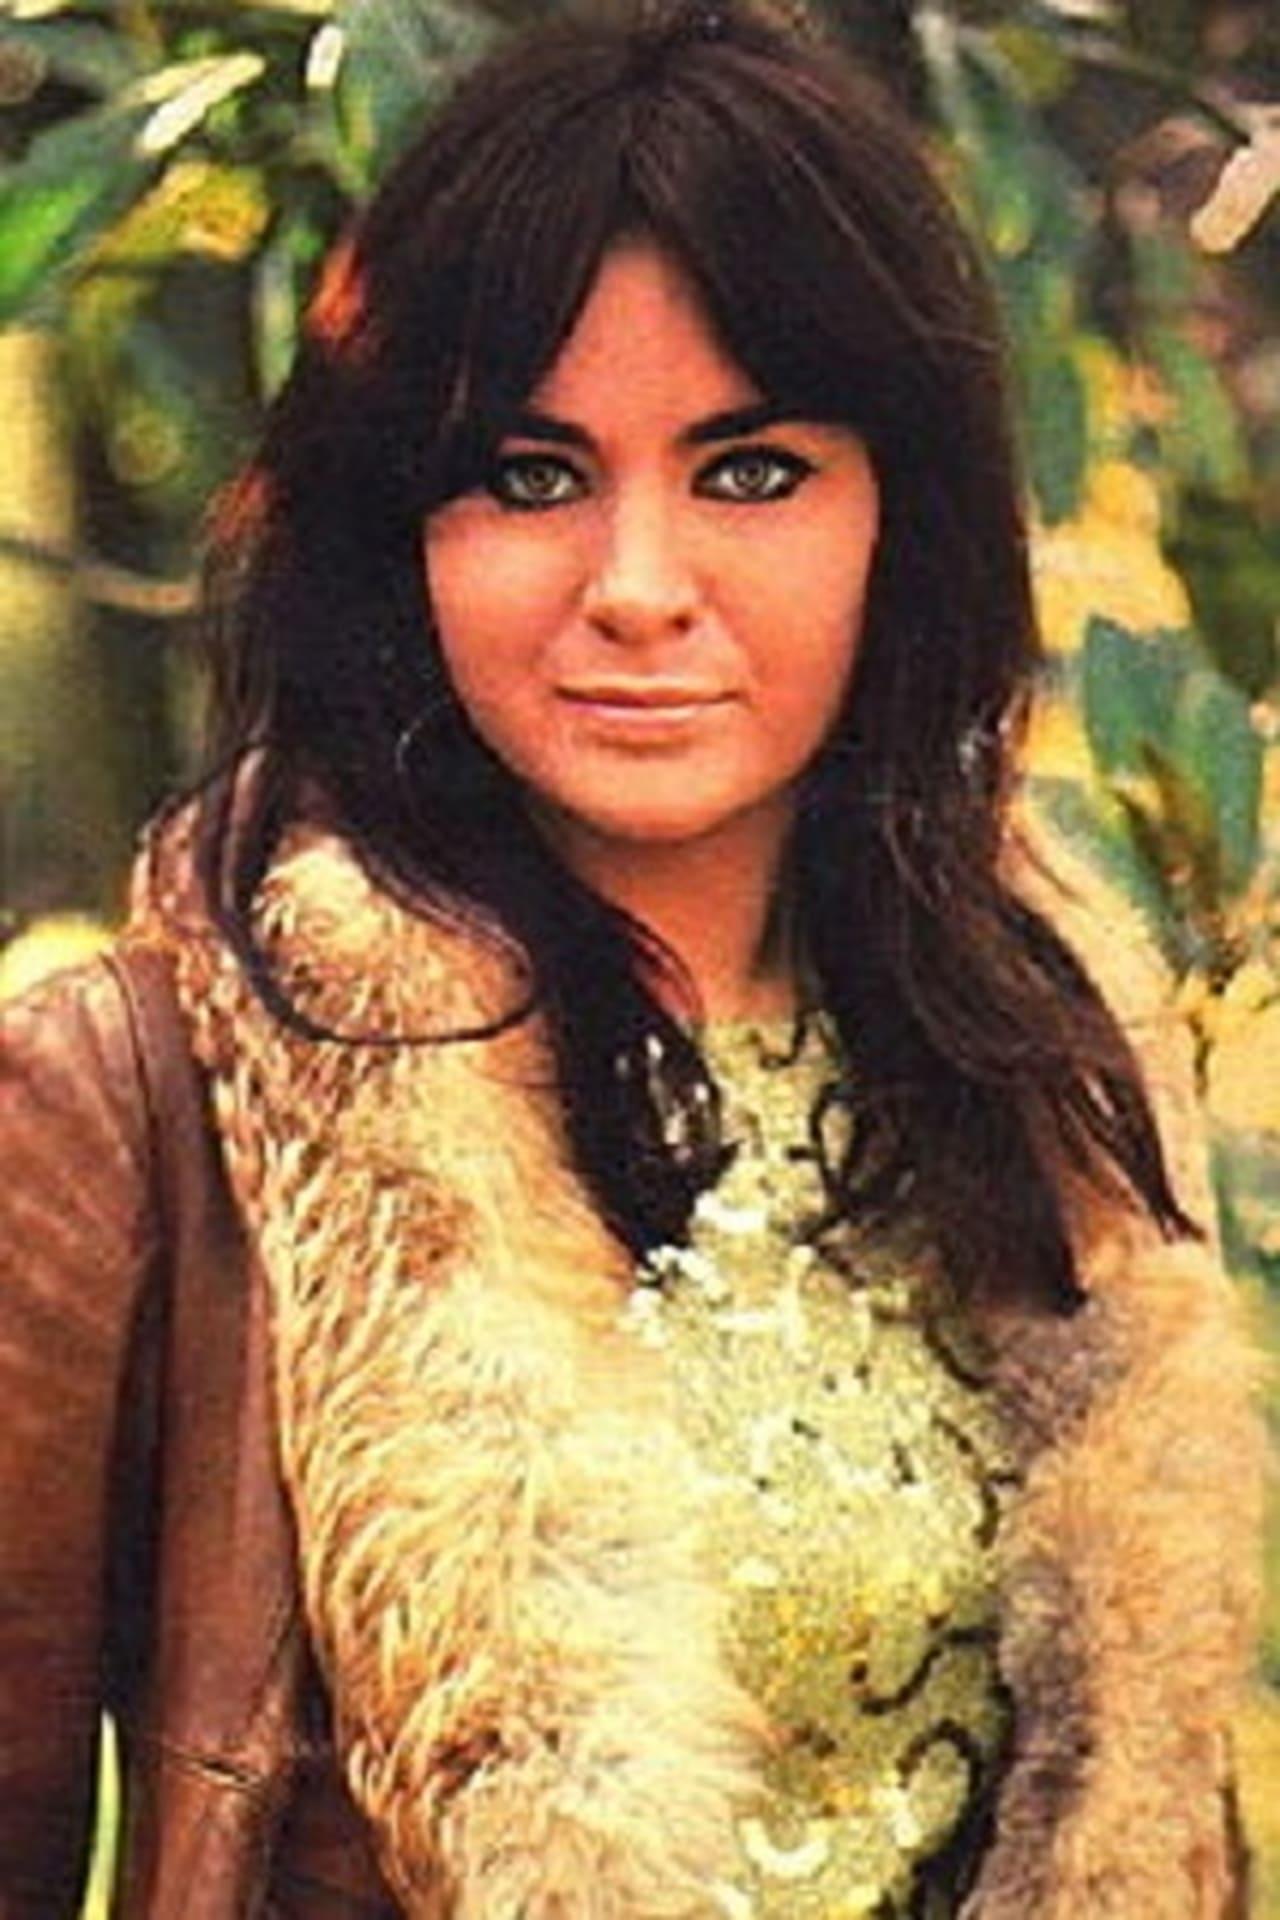 Gabriella Giorgelli (born 1942)